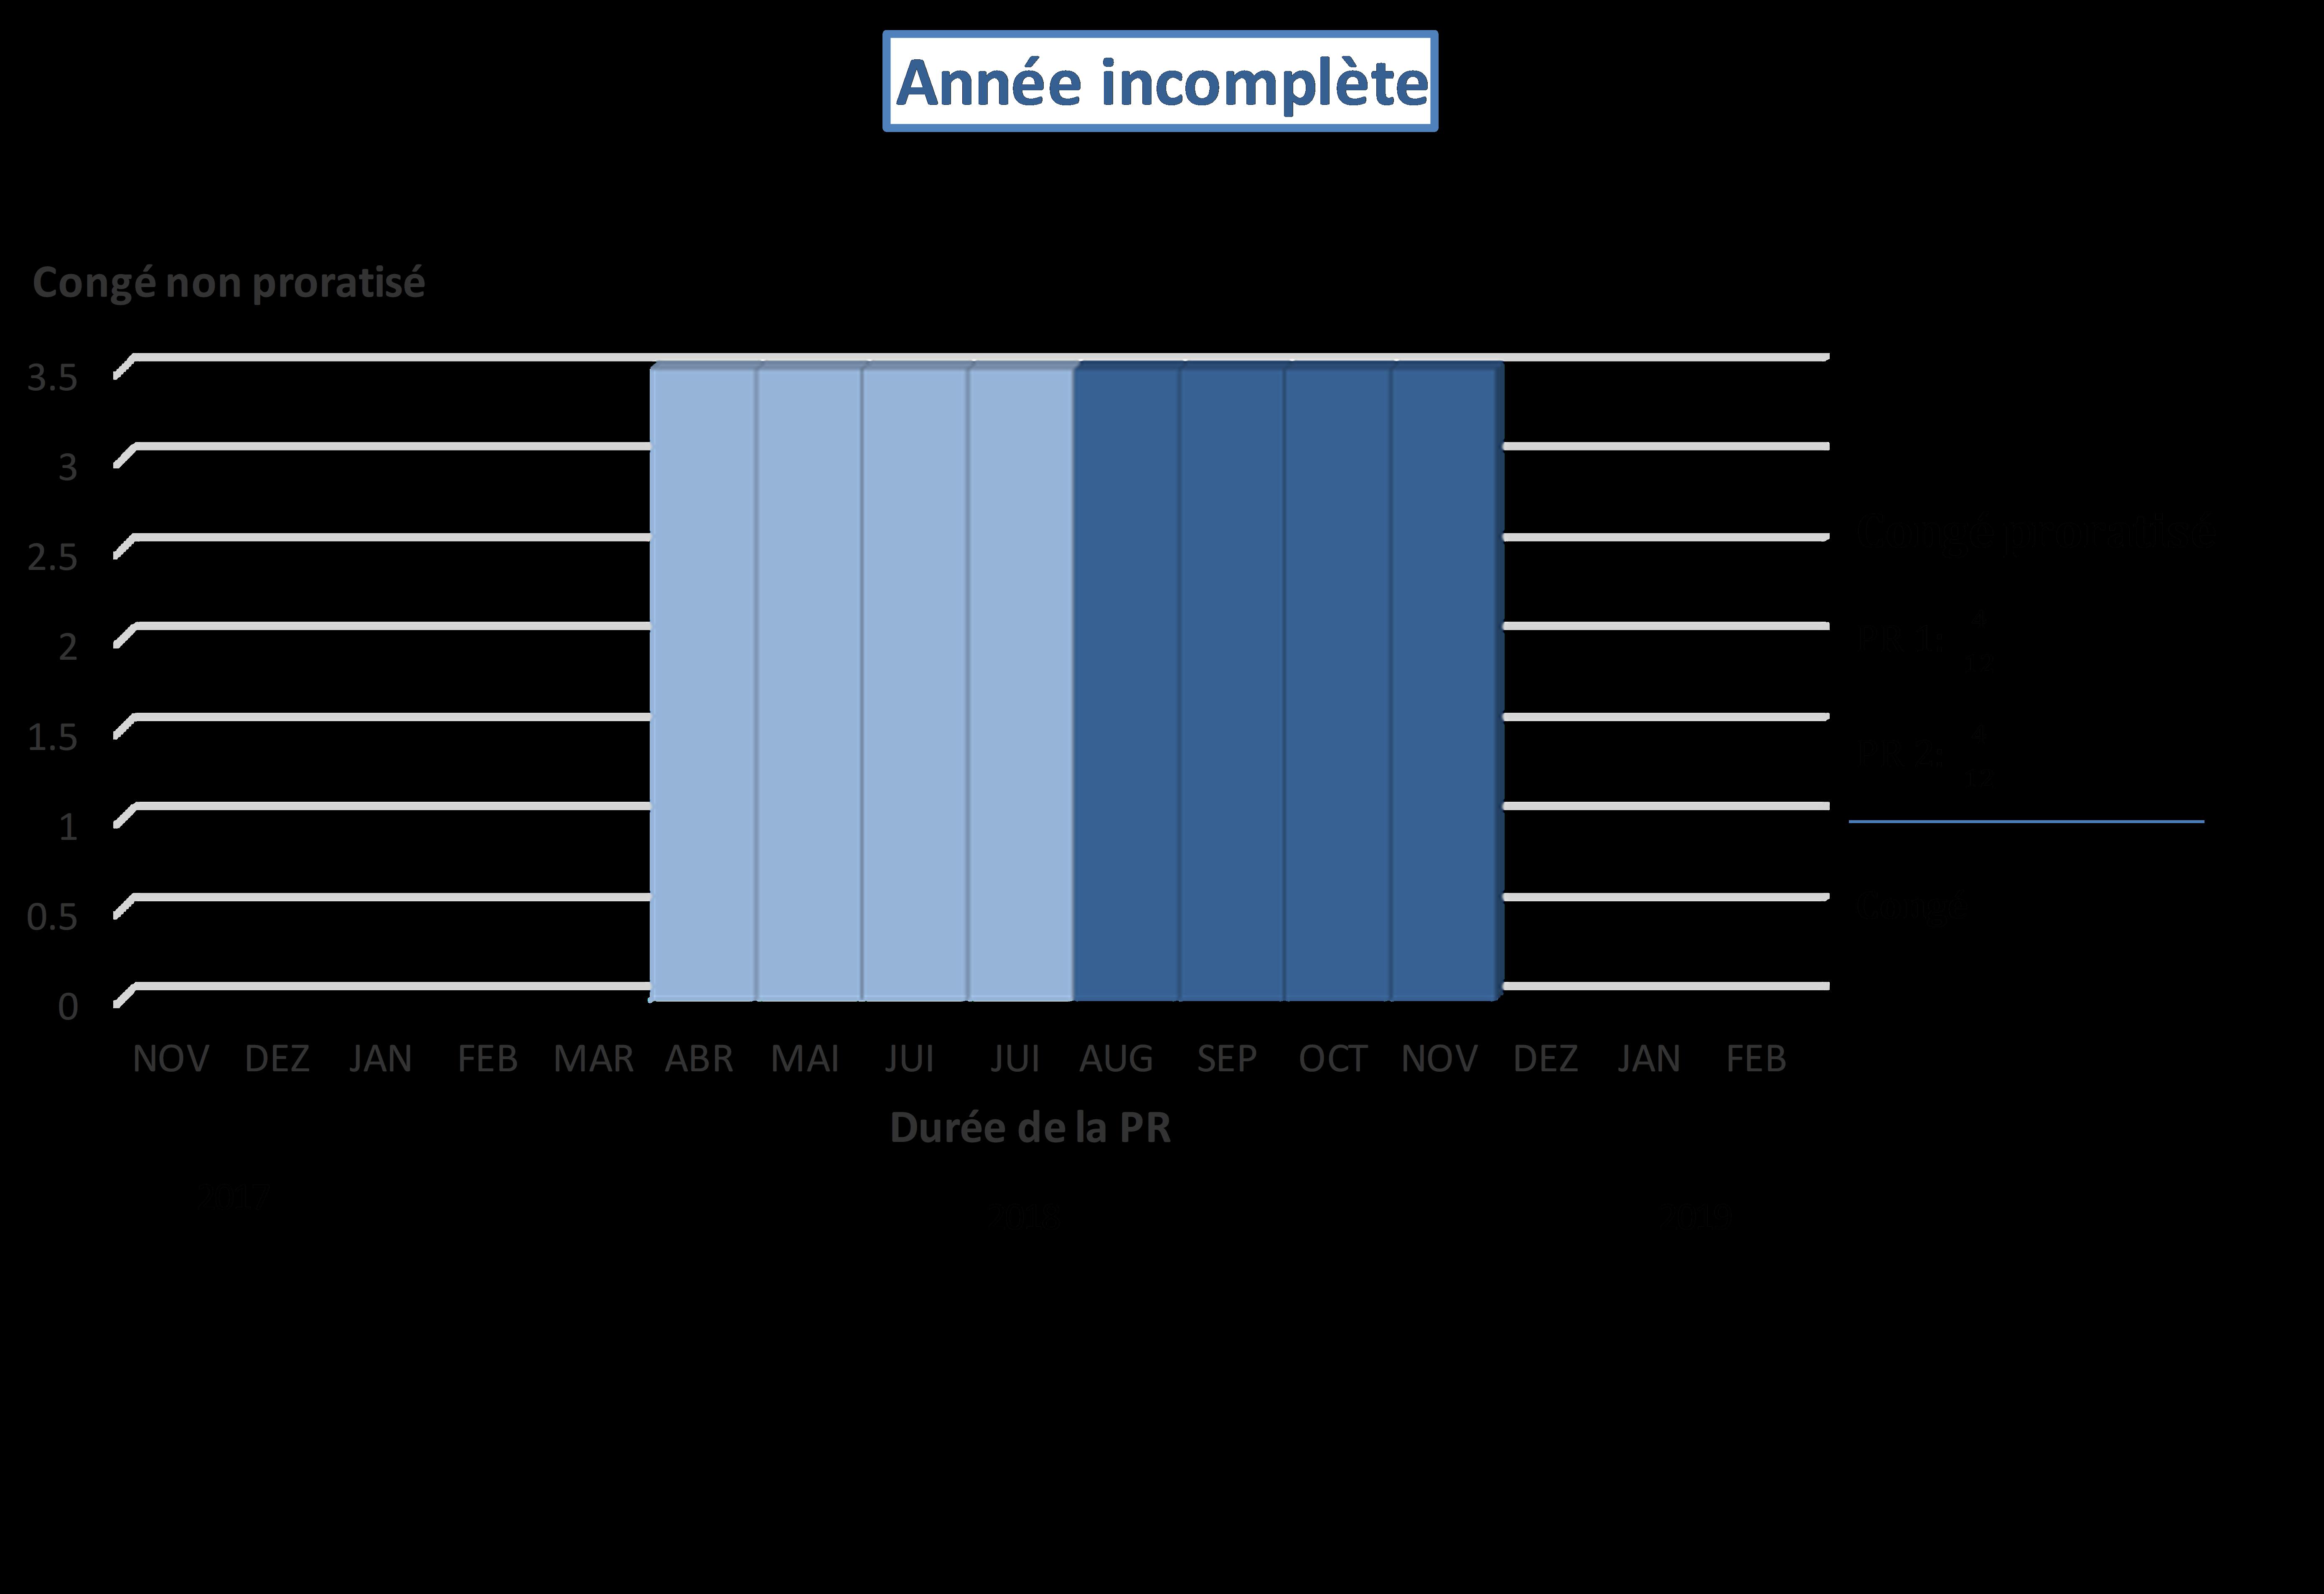 Périodes de référence du temps de travail d'une année incomplète